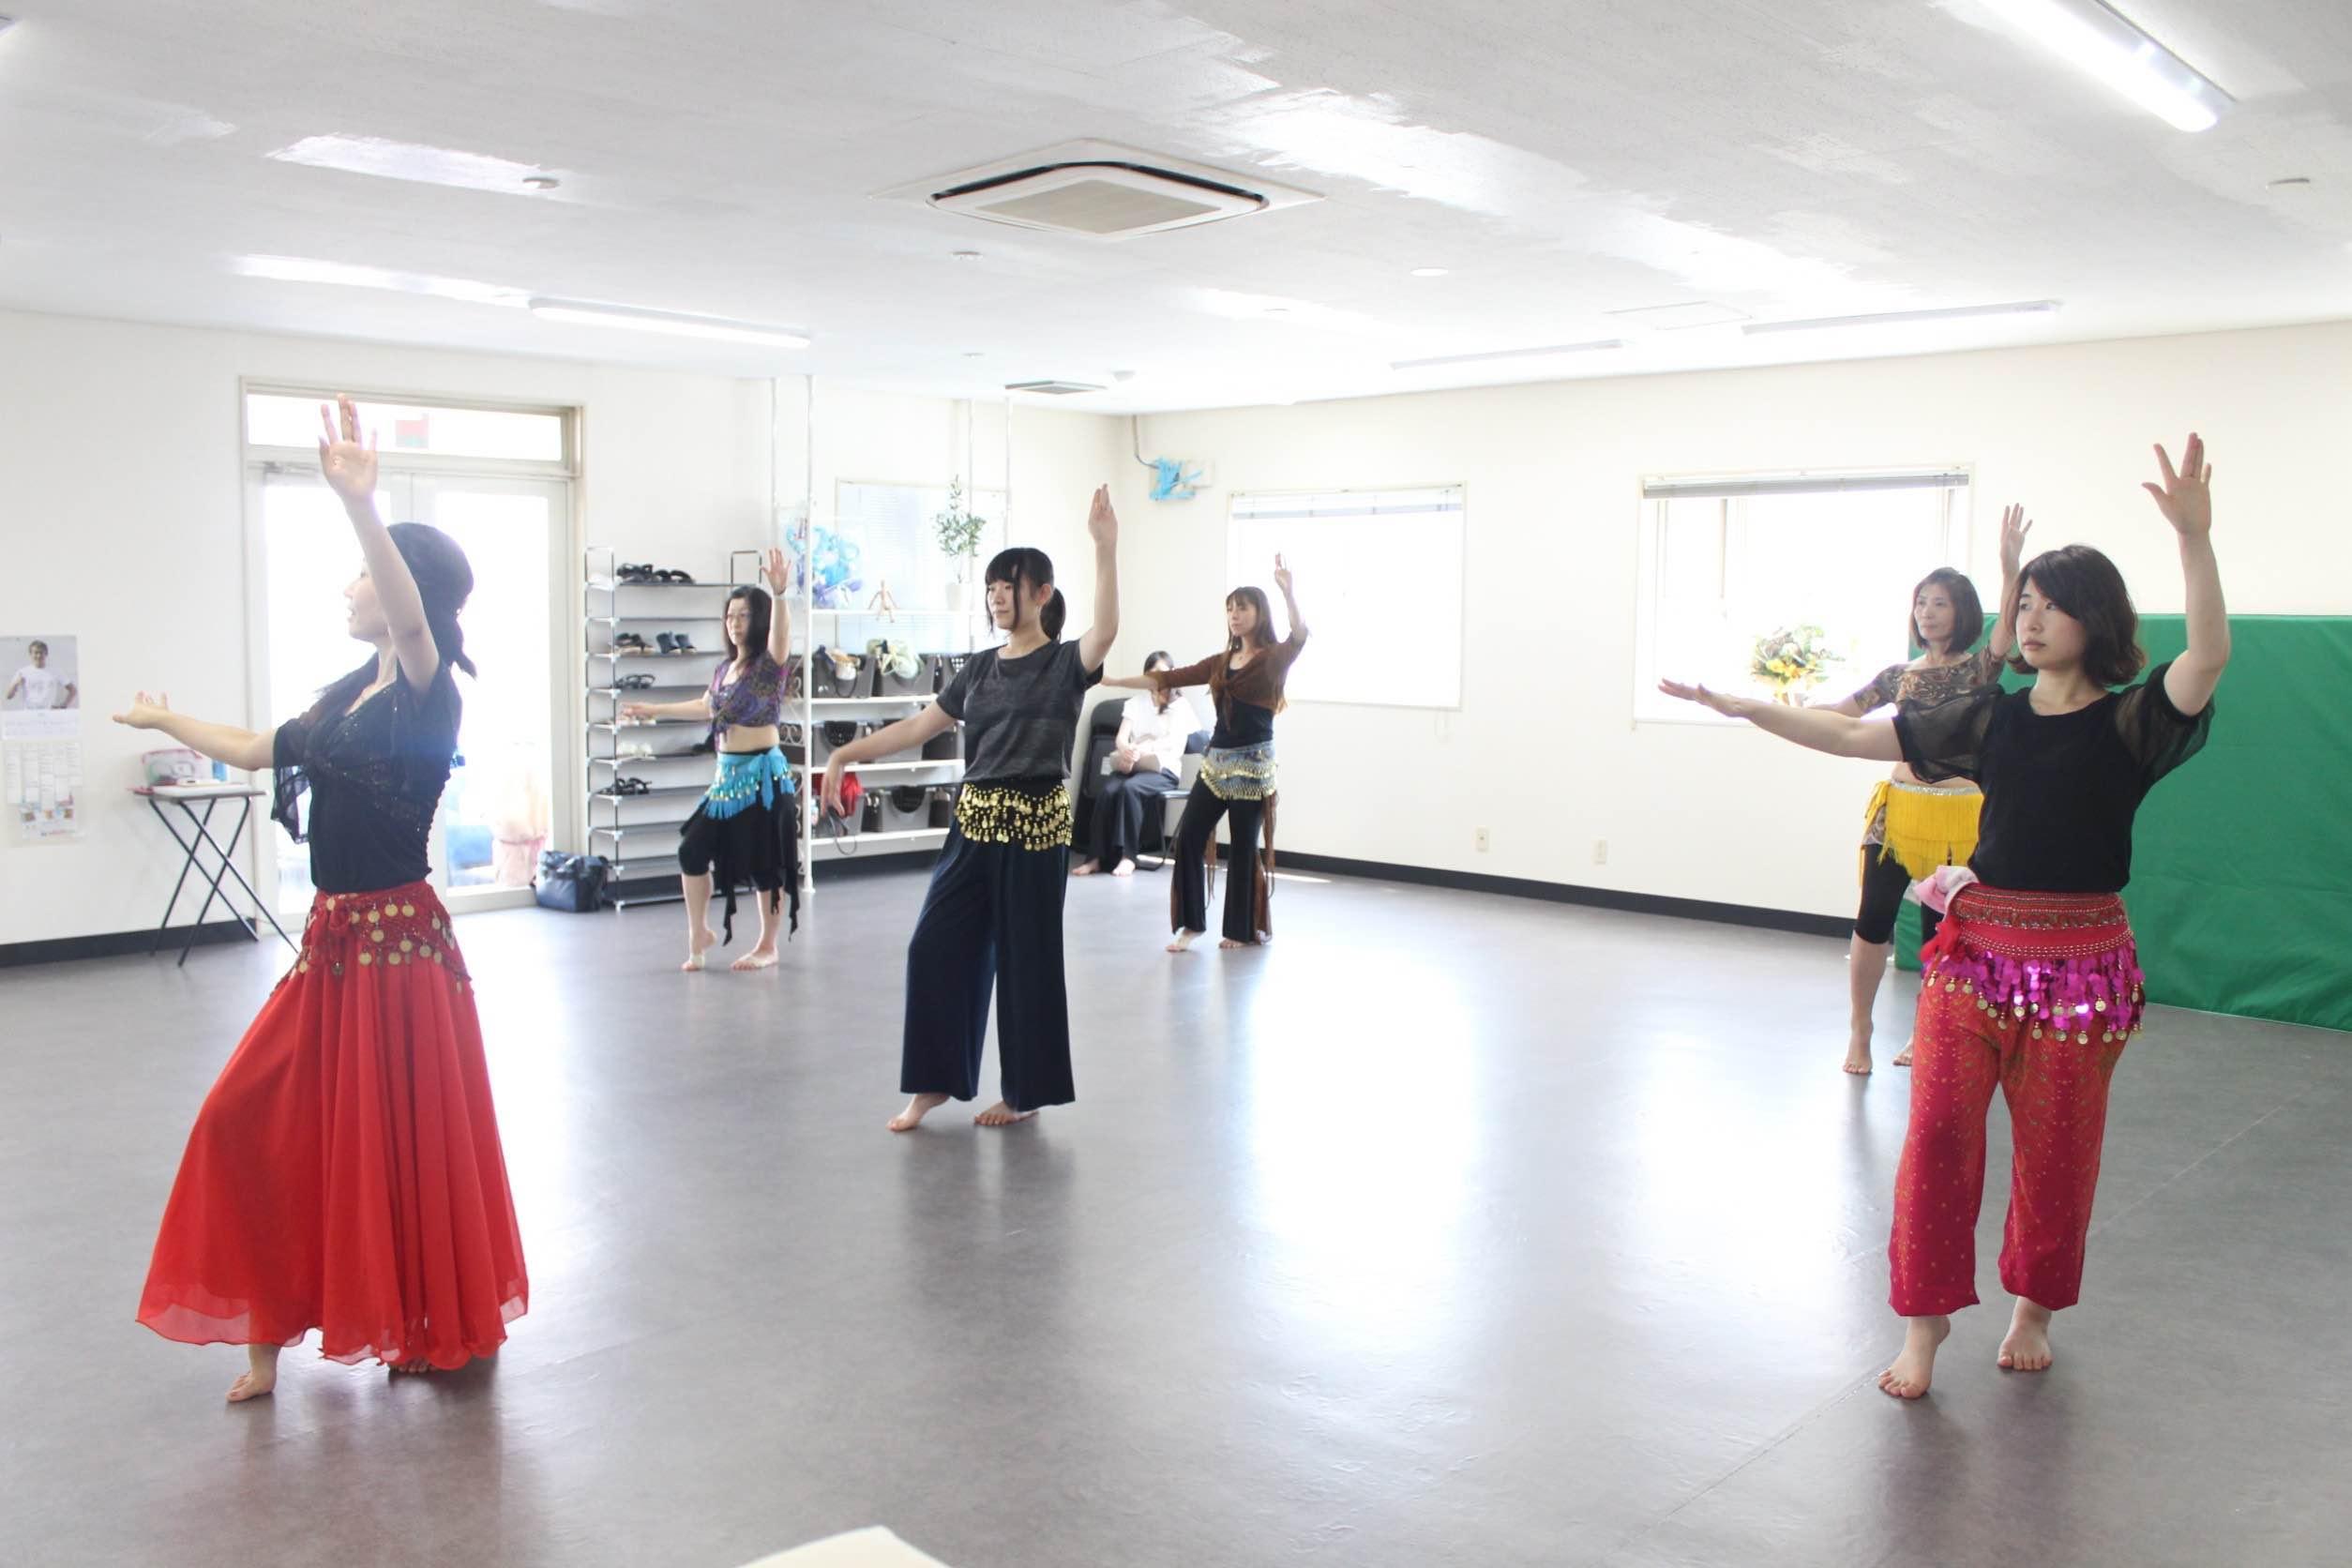 サディア美ボディスタジオ 福島県郡山市女性が健康で輝く教室